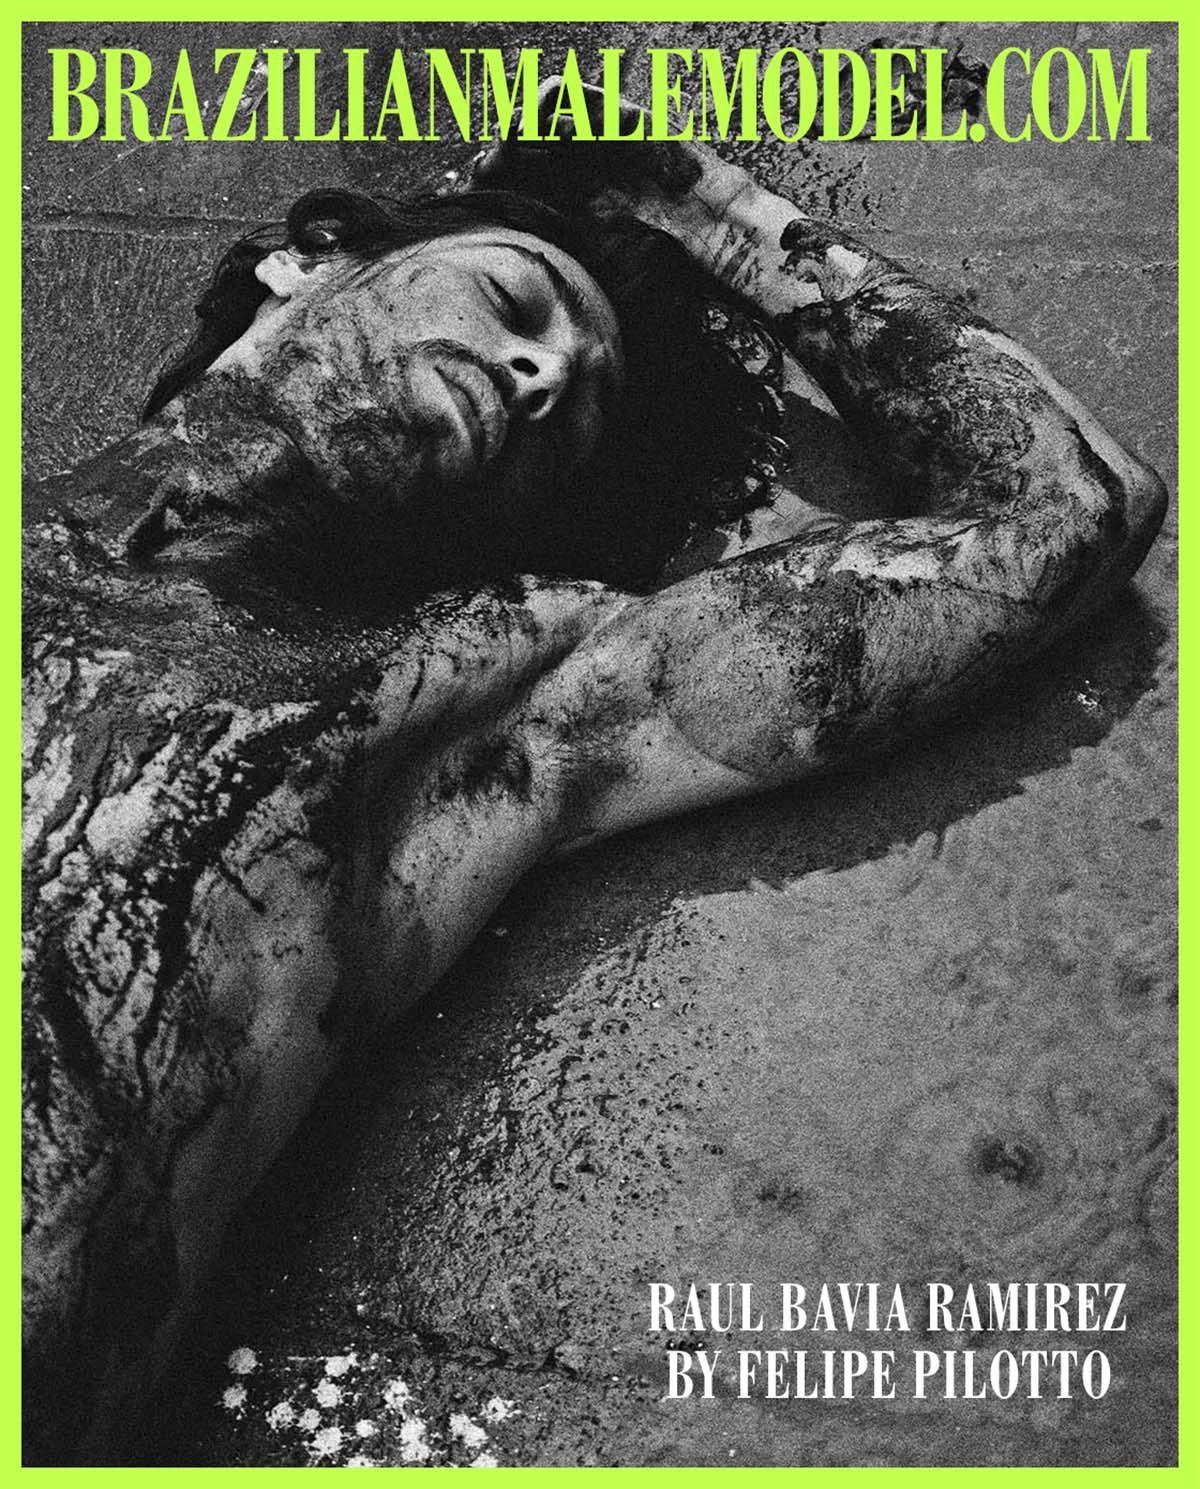 Raul Bavia Ramirez by Felipe Pilotto